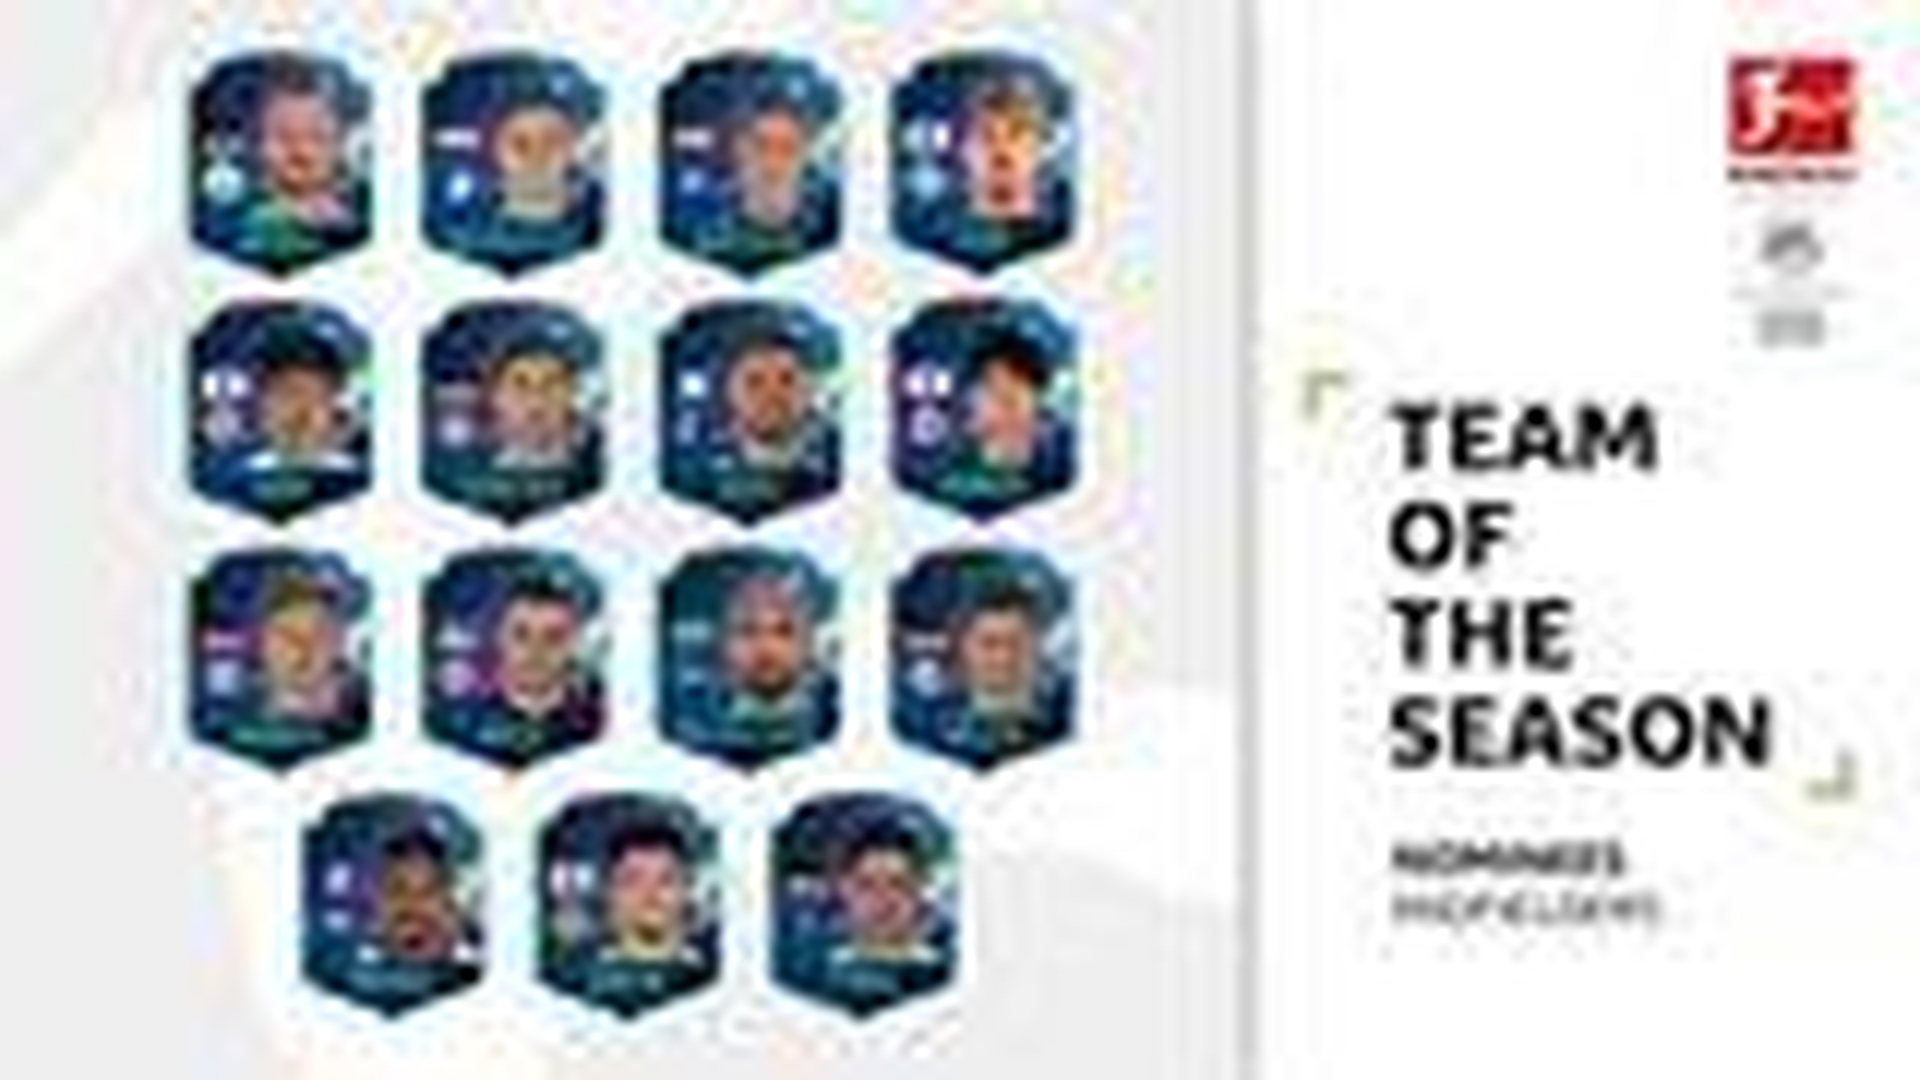 Bundesliga Team of the Season: Midfielders